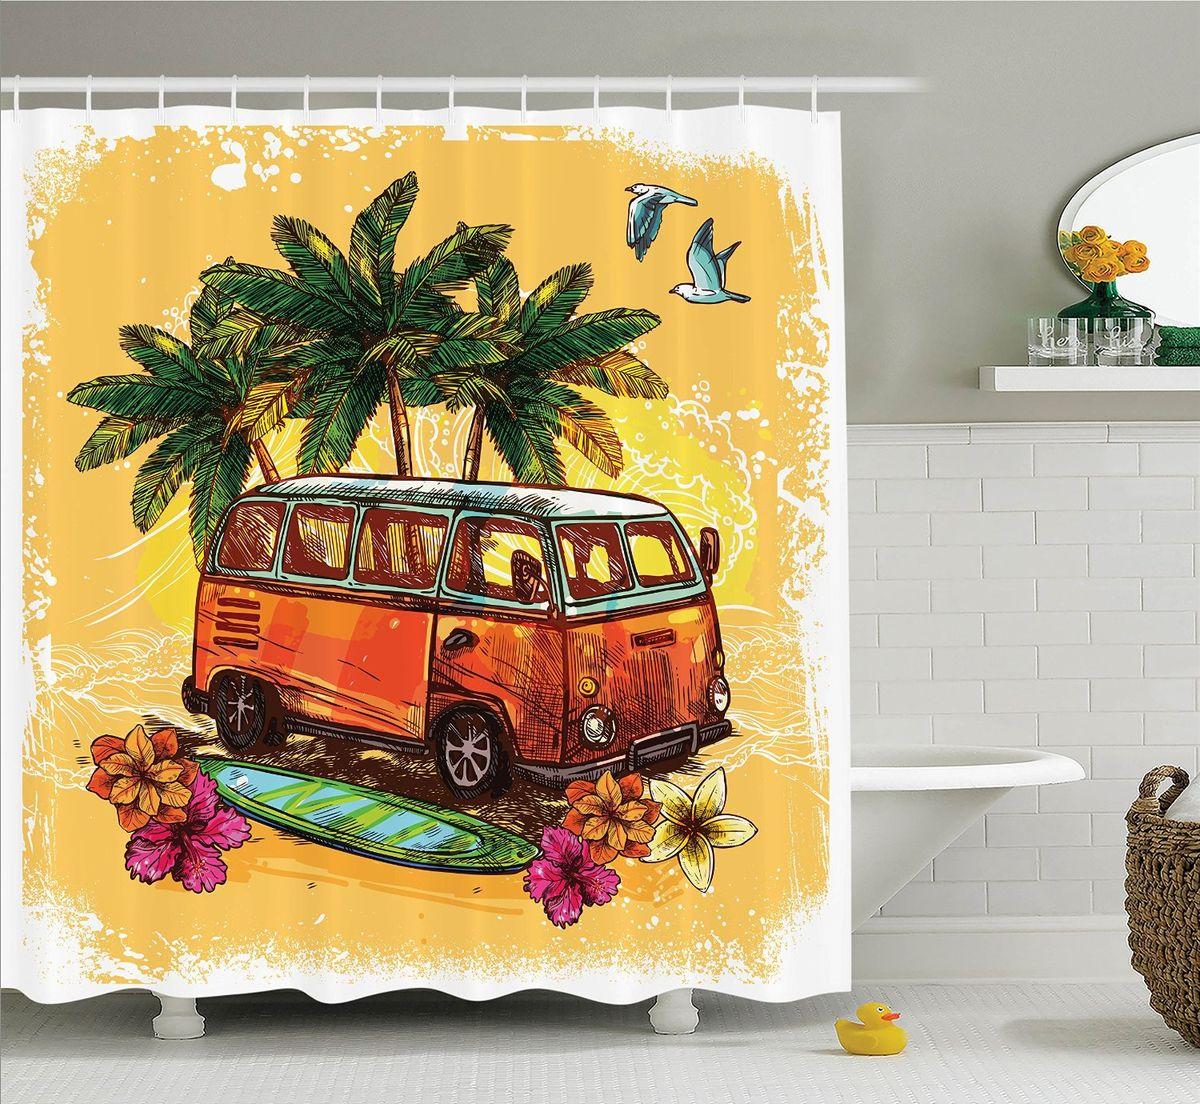 Штора для ванной комнаты Magic Lady Оранжевый автобус, 180 х 200 см штора для ванной комнаты magic lady дерево в волшебном лесу цвет коричневый оранжевый 180 х 200 см href page 1